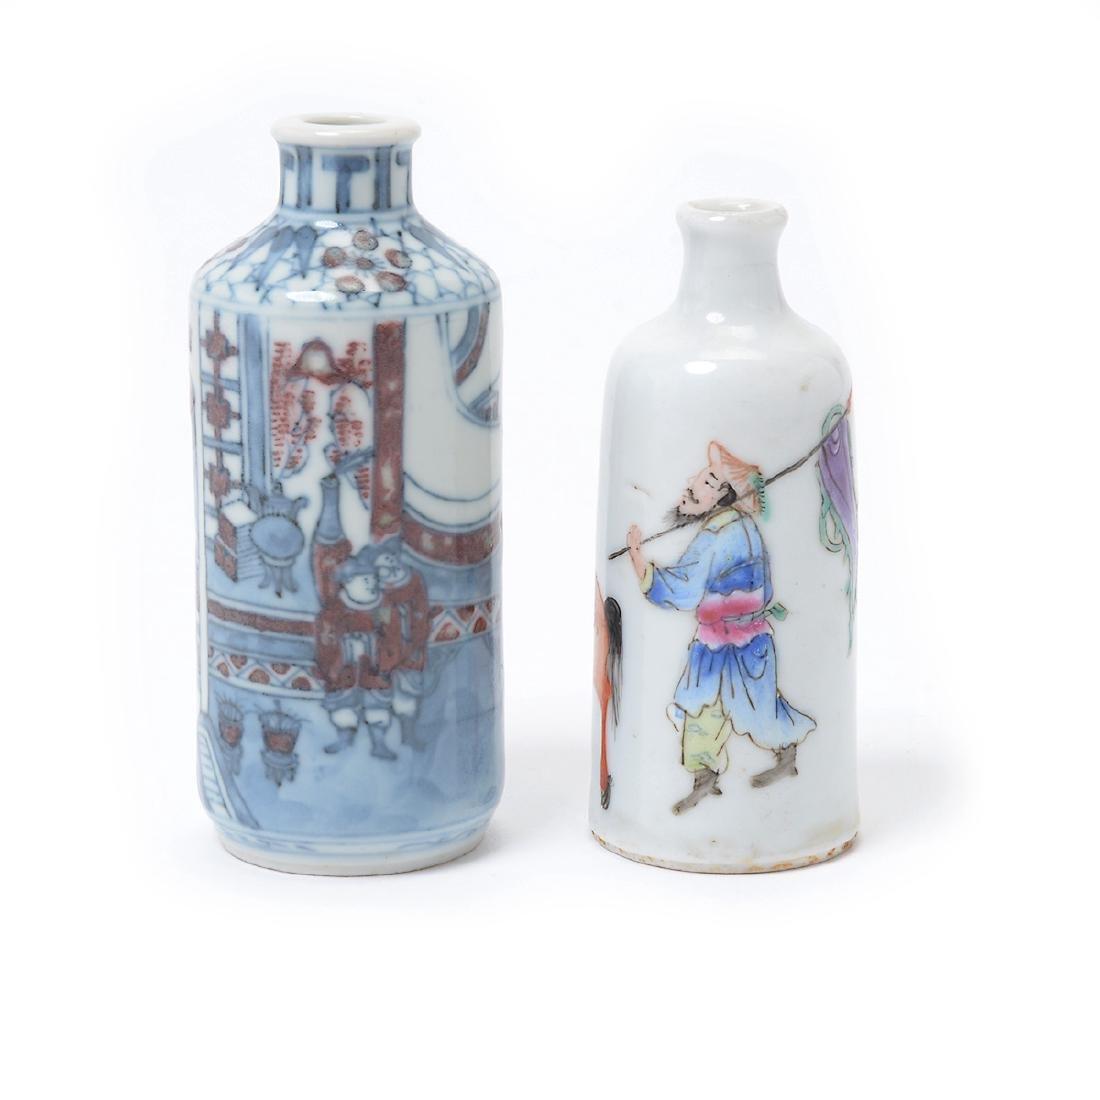 Two Porcelain Figural Snuff Bottles - 2